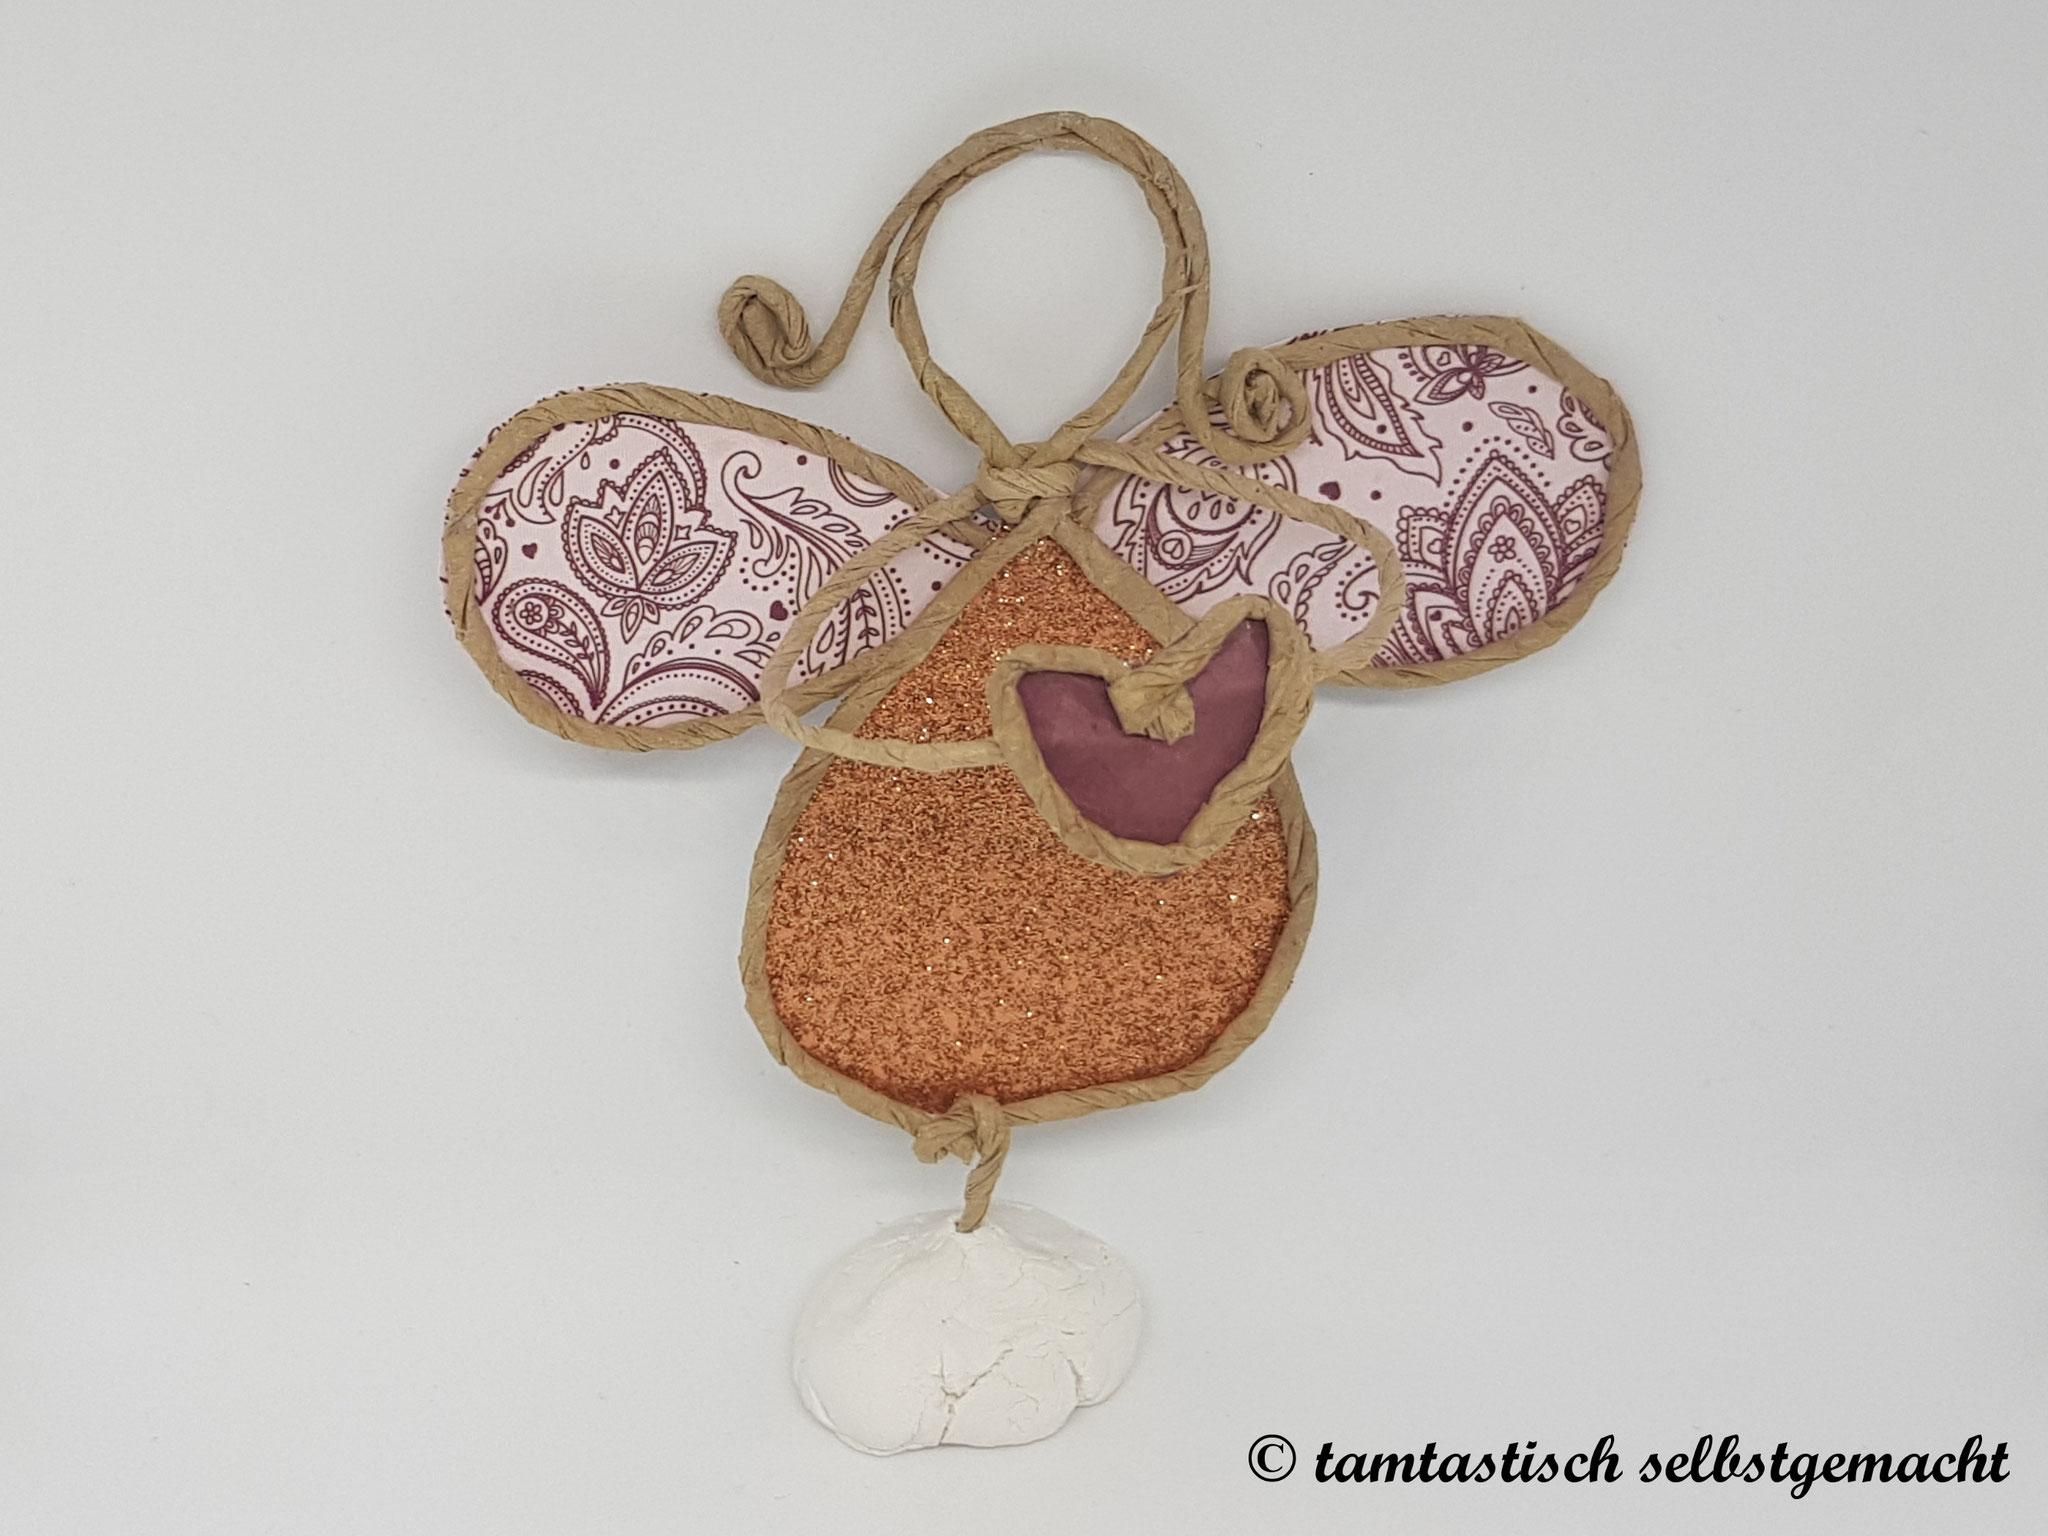 Papierdrahtfigur Engel mit Herz (goldener Bauch)